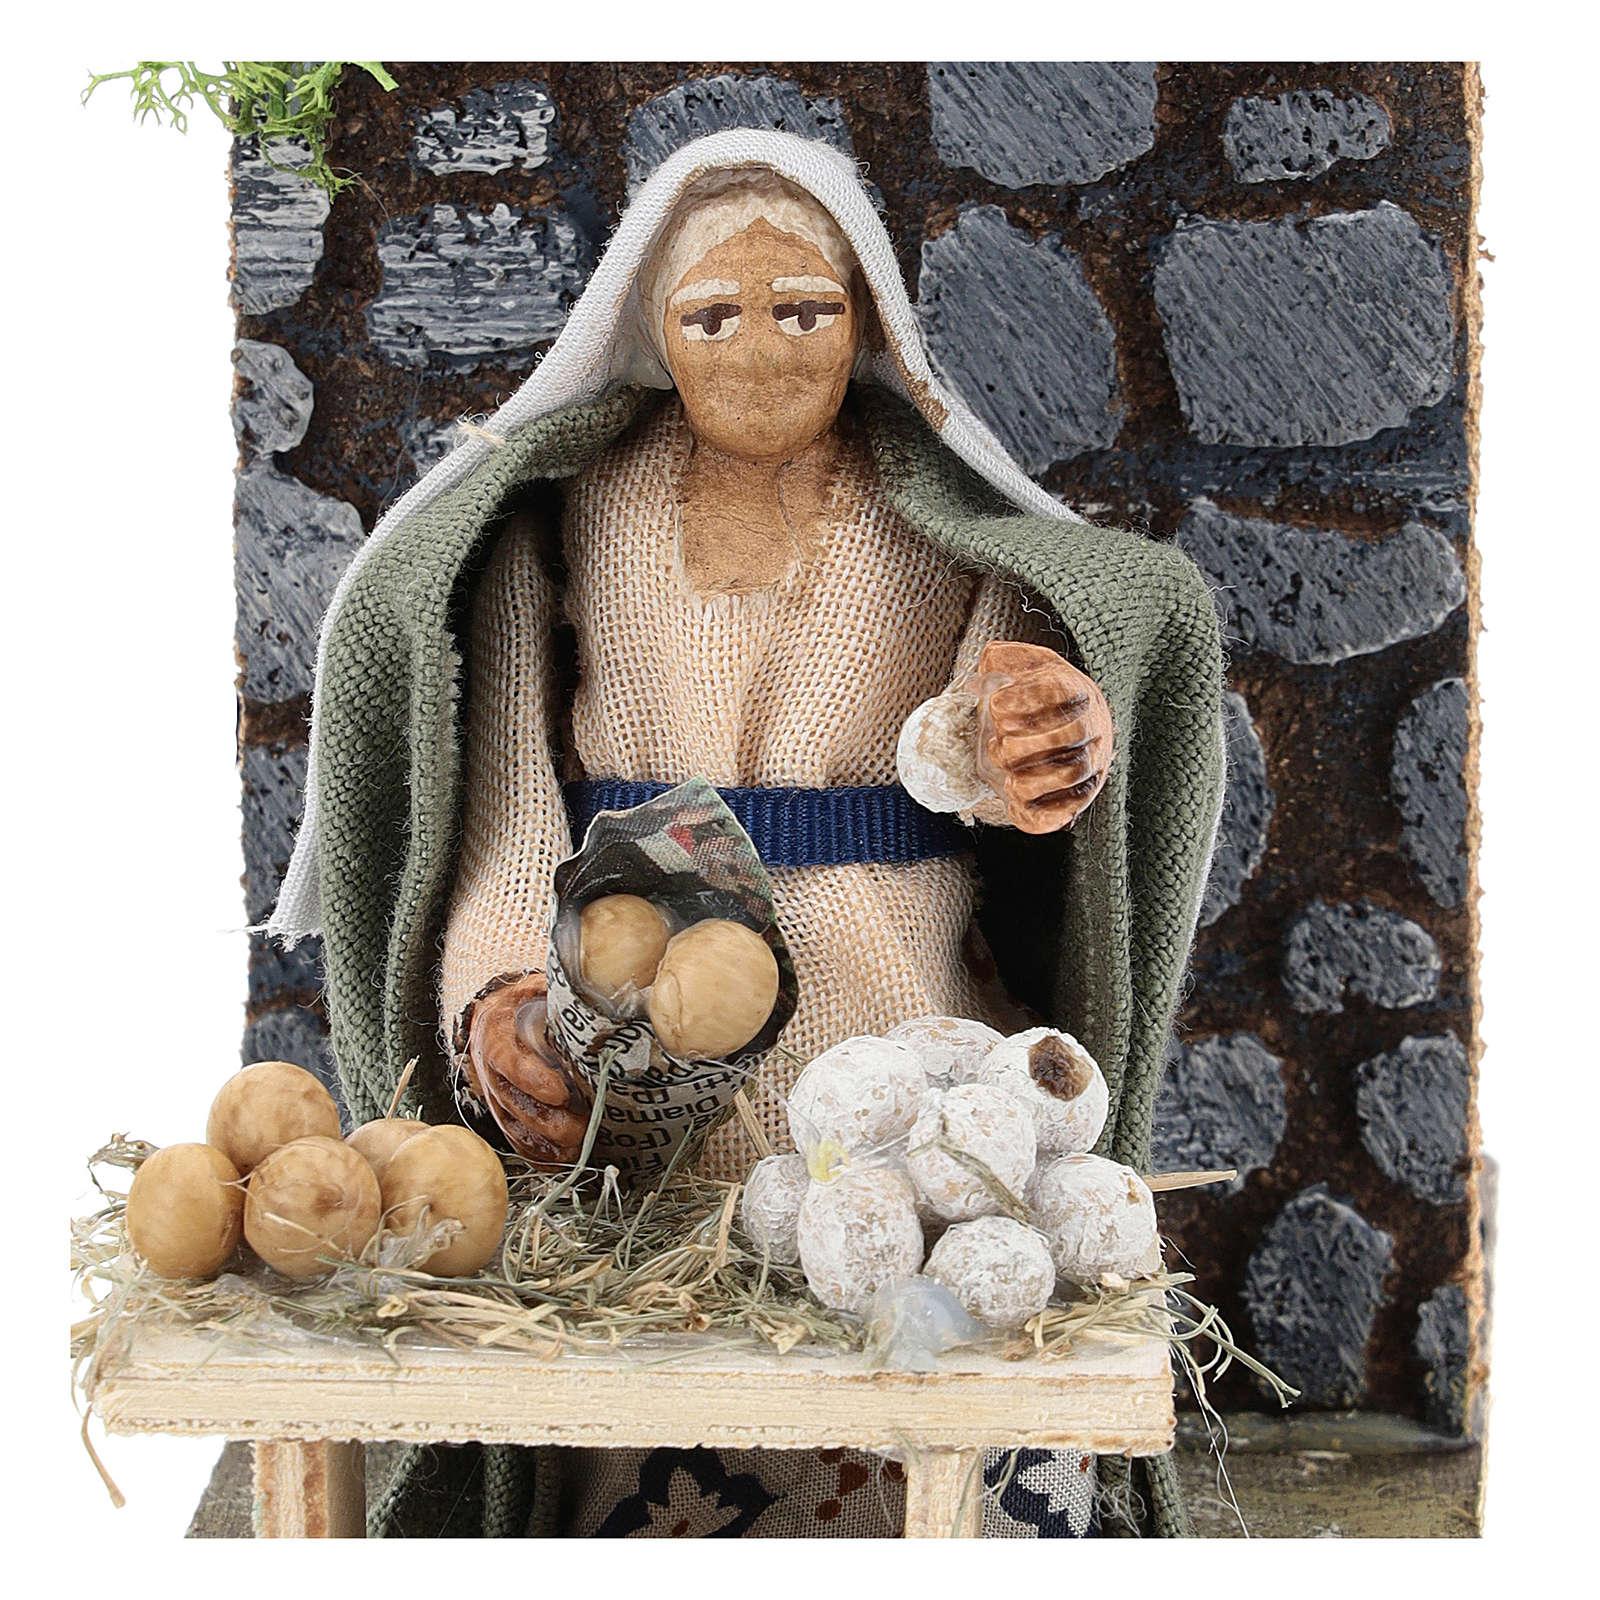 Moving egg seller for Neapolitan Nativity Scene 7 cm 4